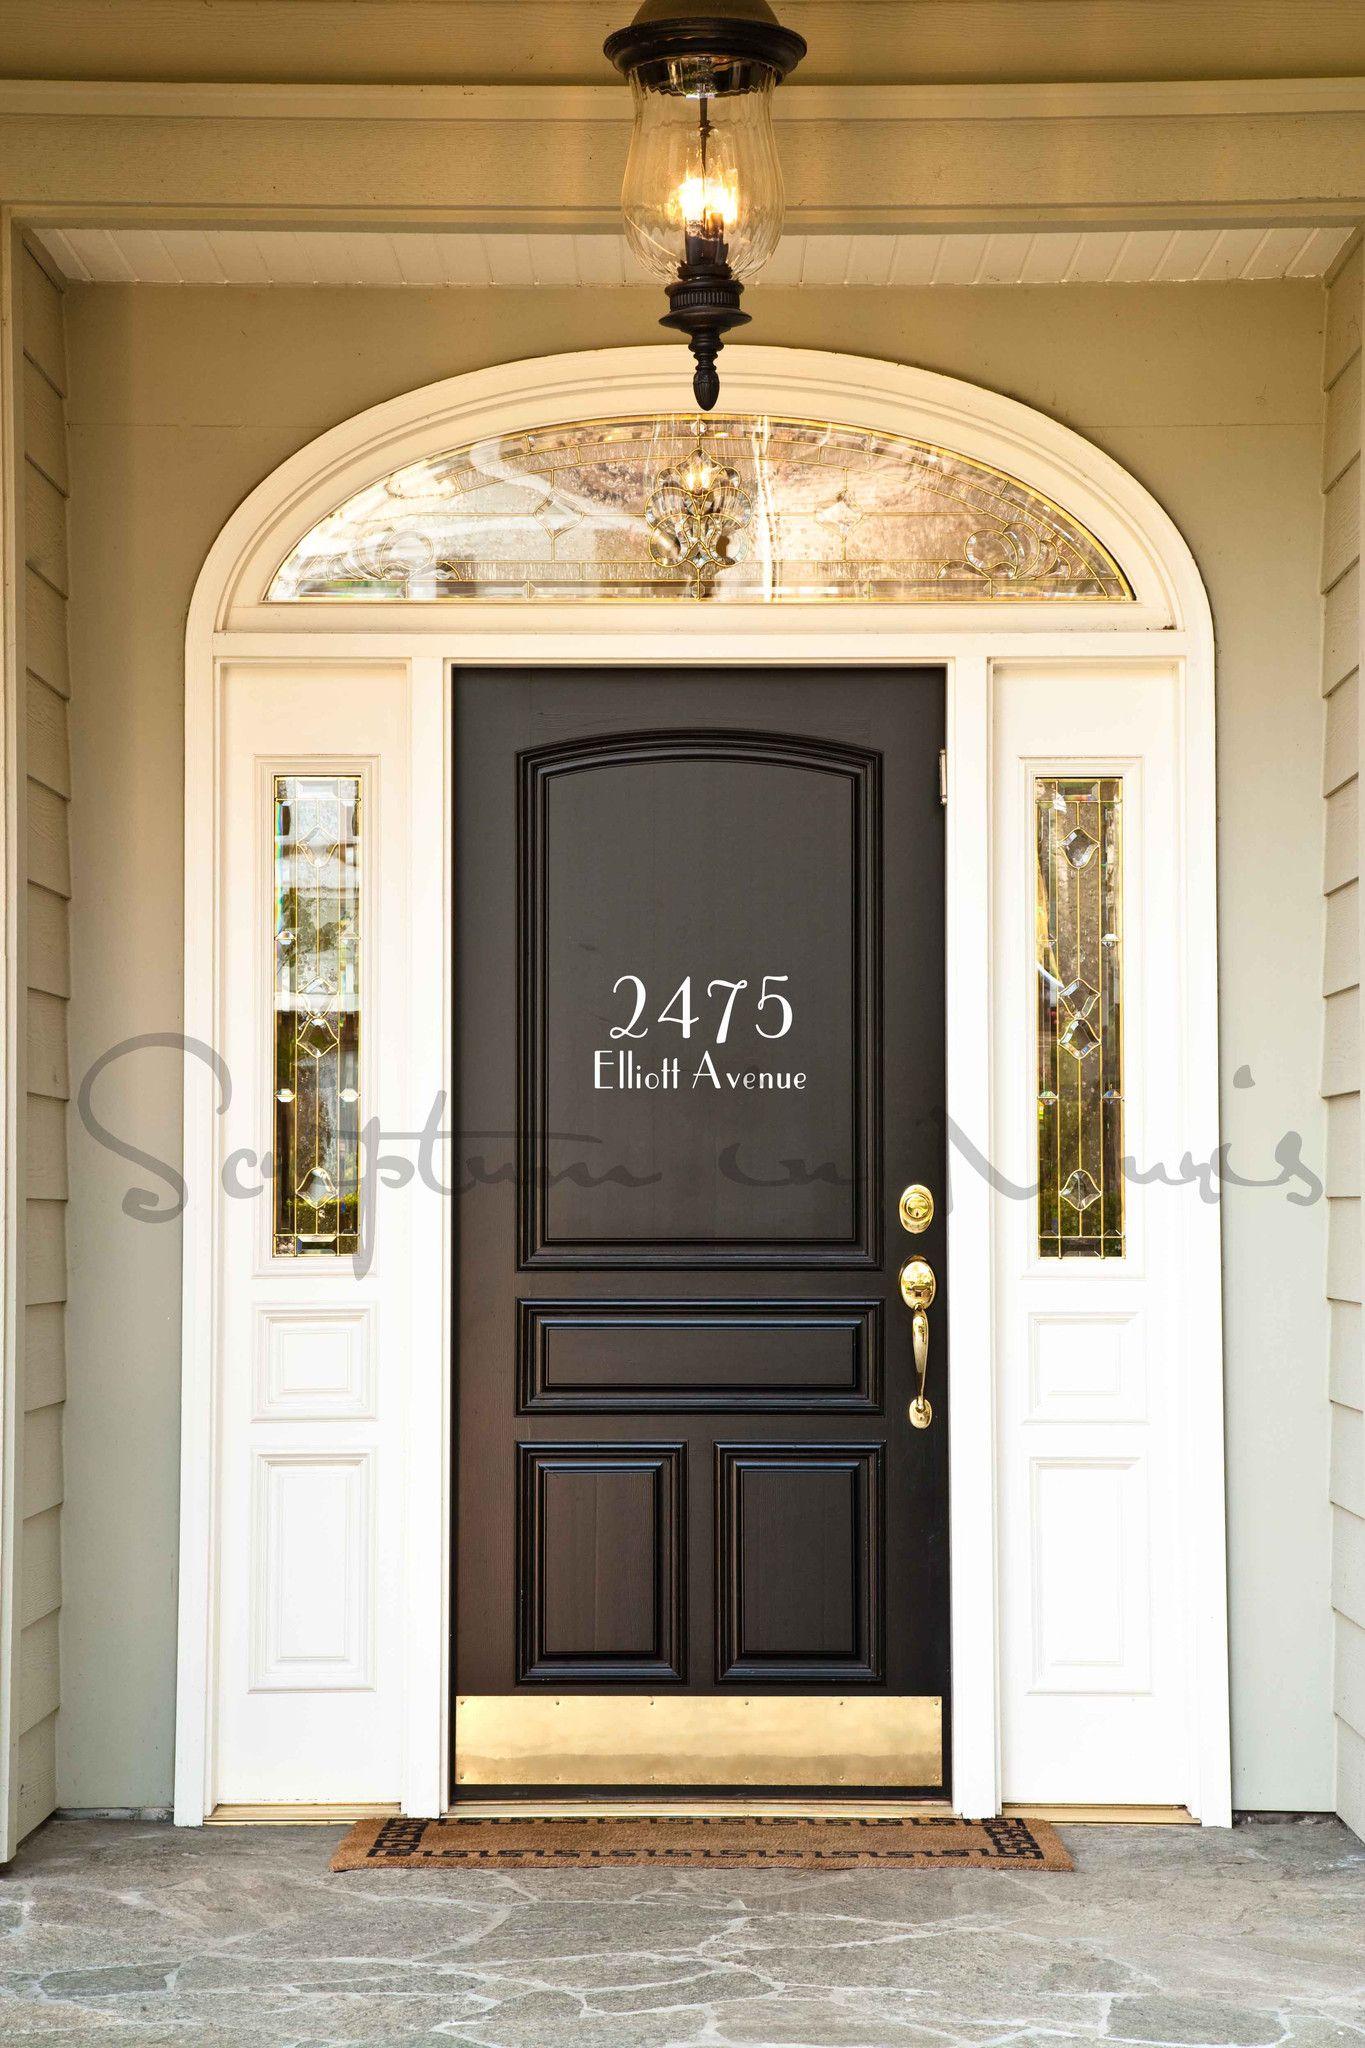 Address House Number With Street Name Vinyl Wall Decal Best Front Door Colors Best Front Doors Door Color